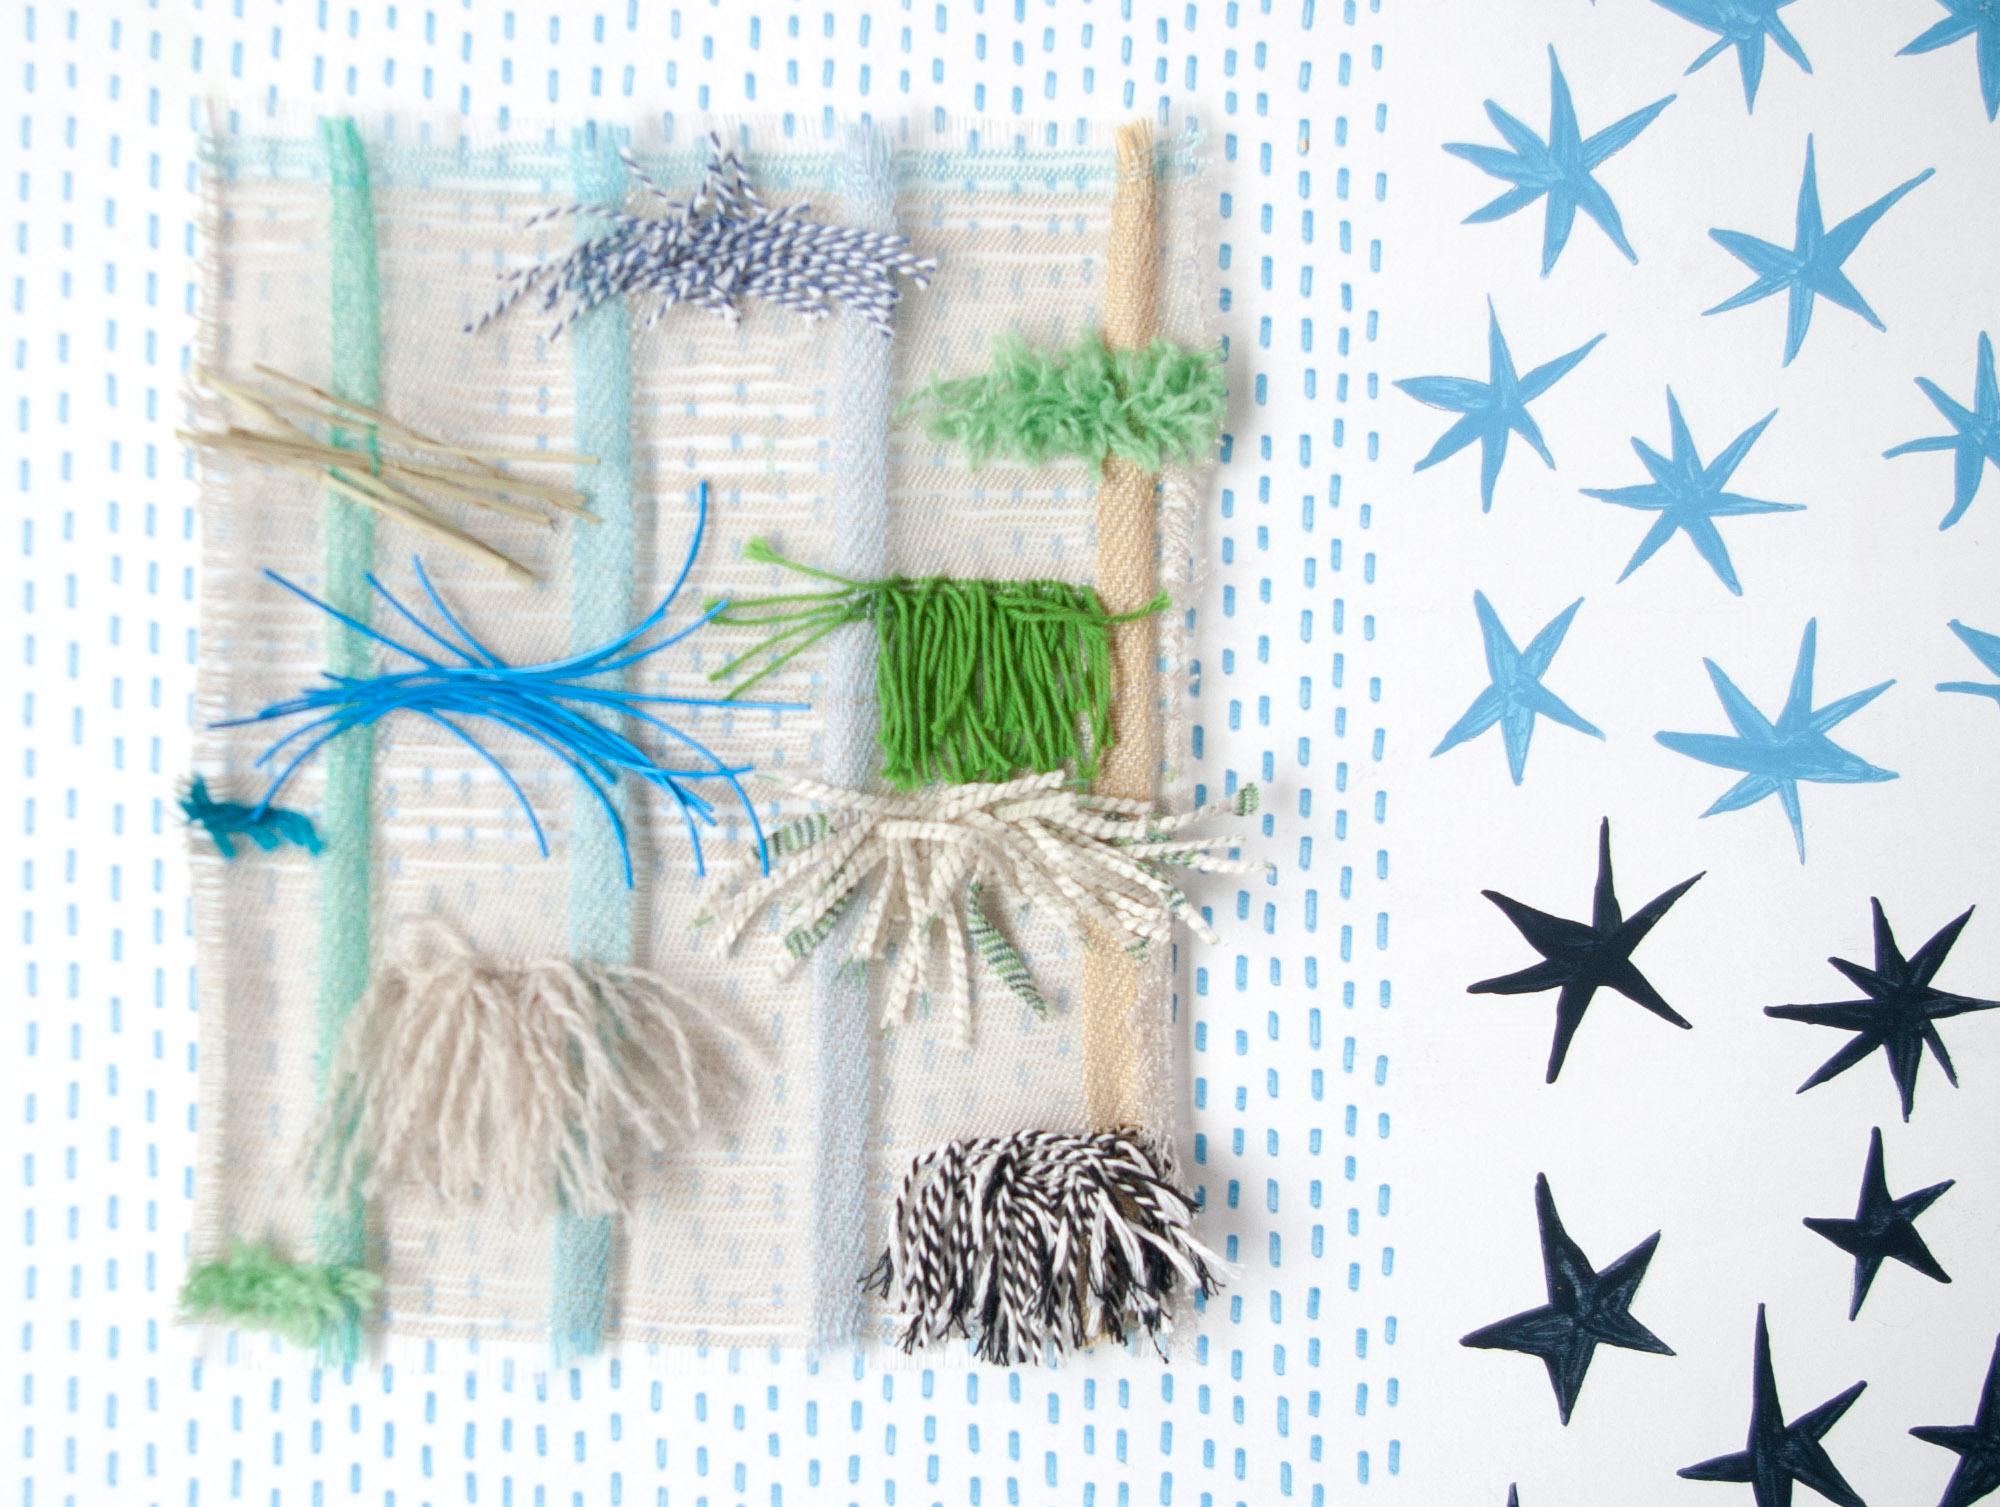 weave_2.jpg